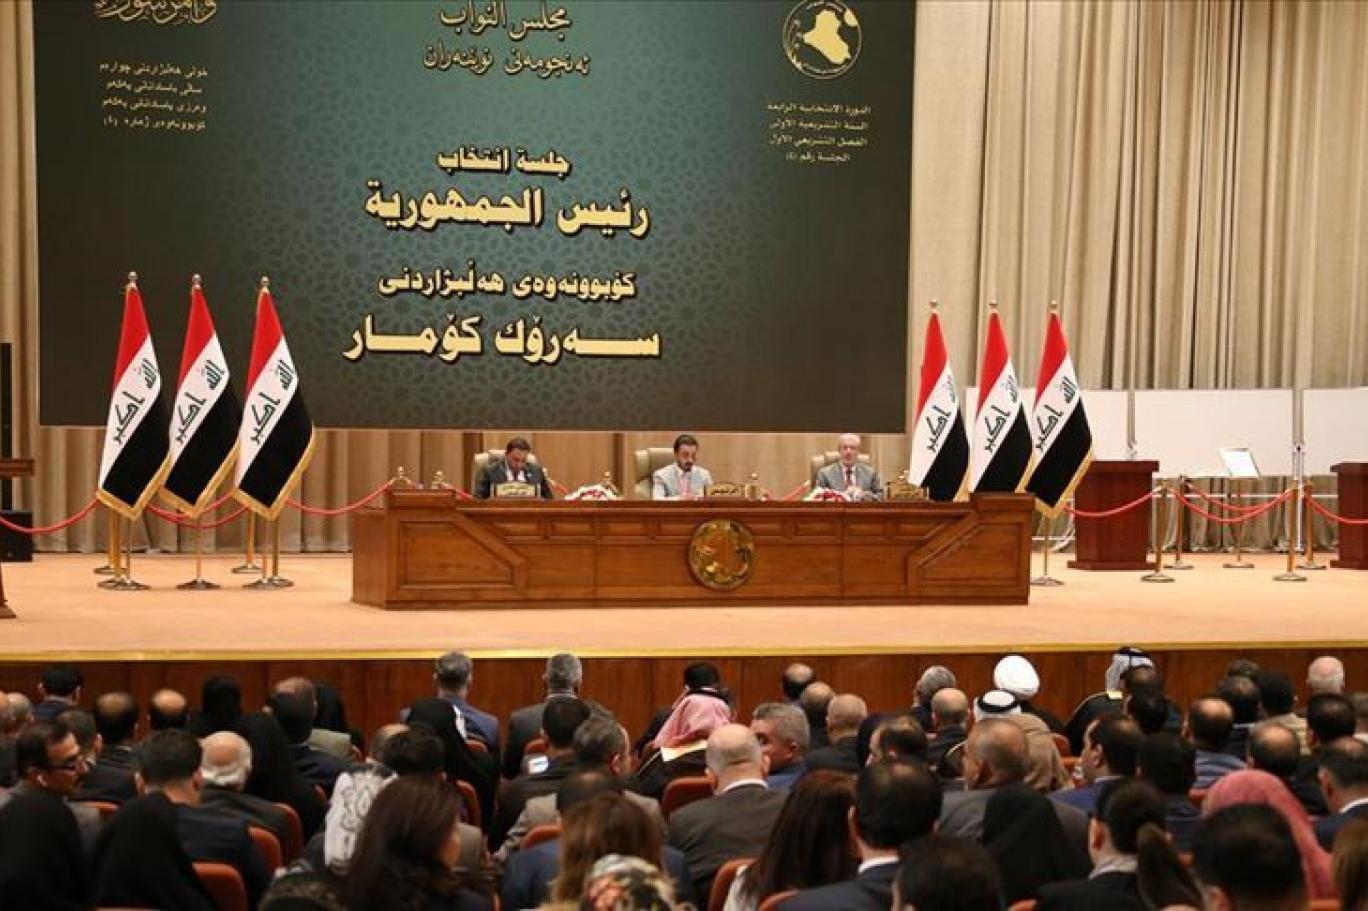 Reuters'in çalışma ruhsatını askıya alan Irak hükümeti: Özür dilensin